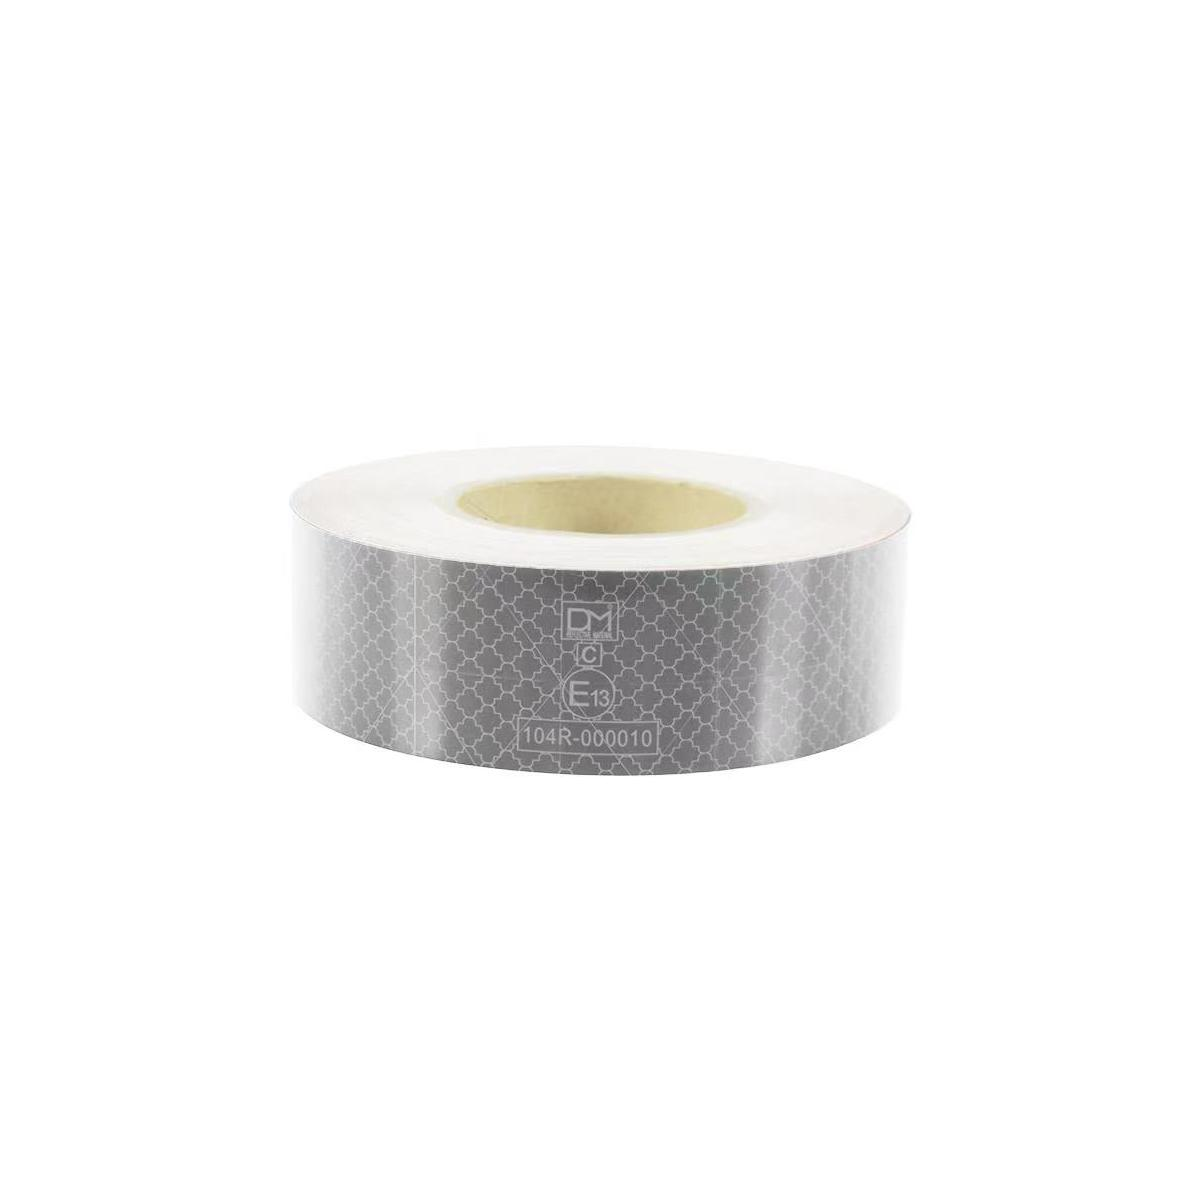 反射テープ 白色 1m単位切売り